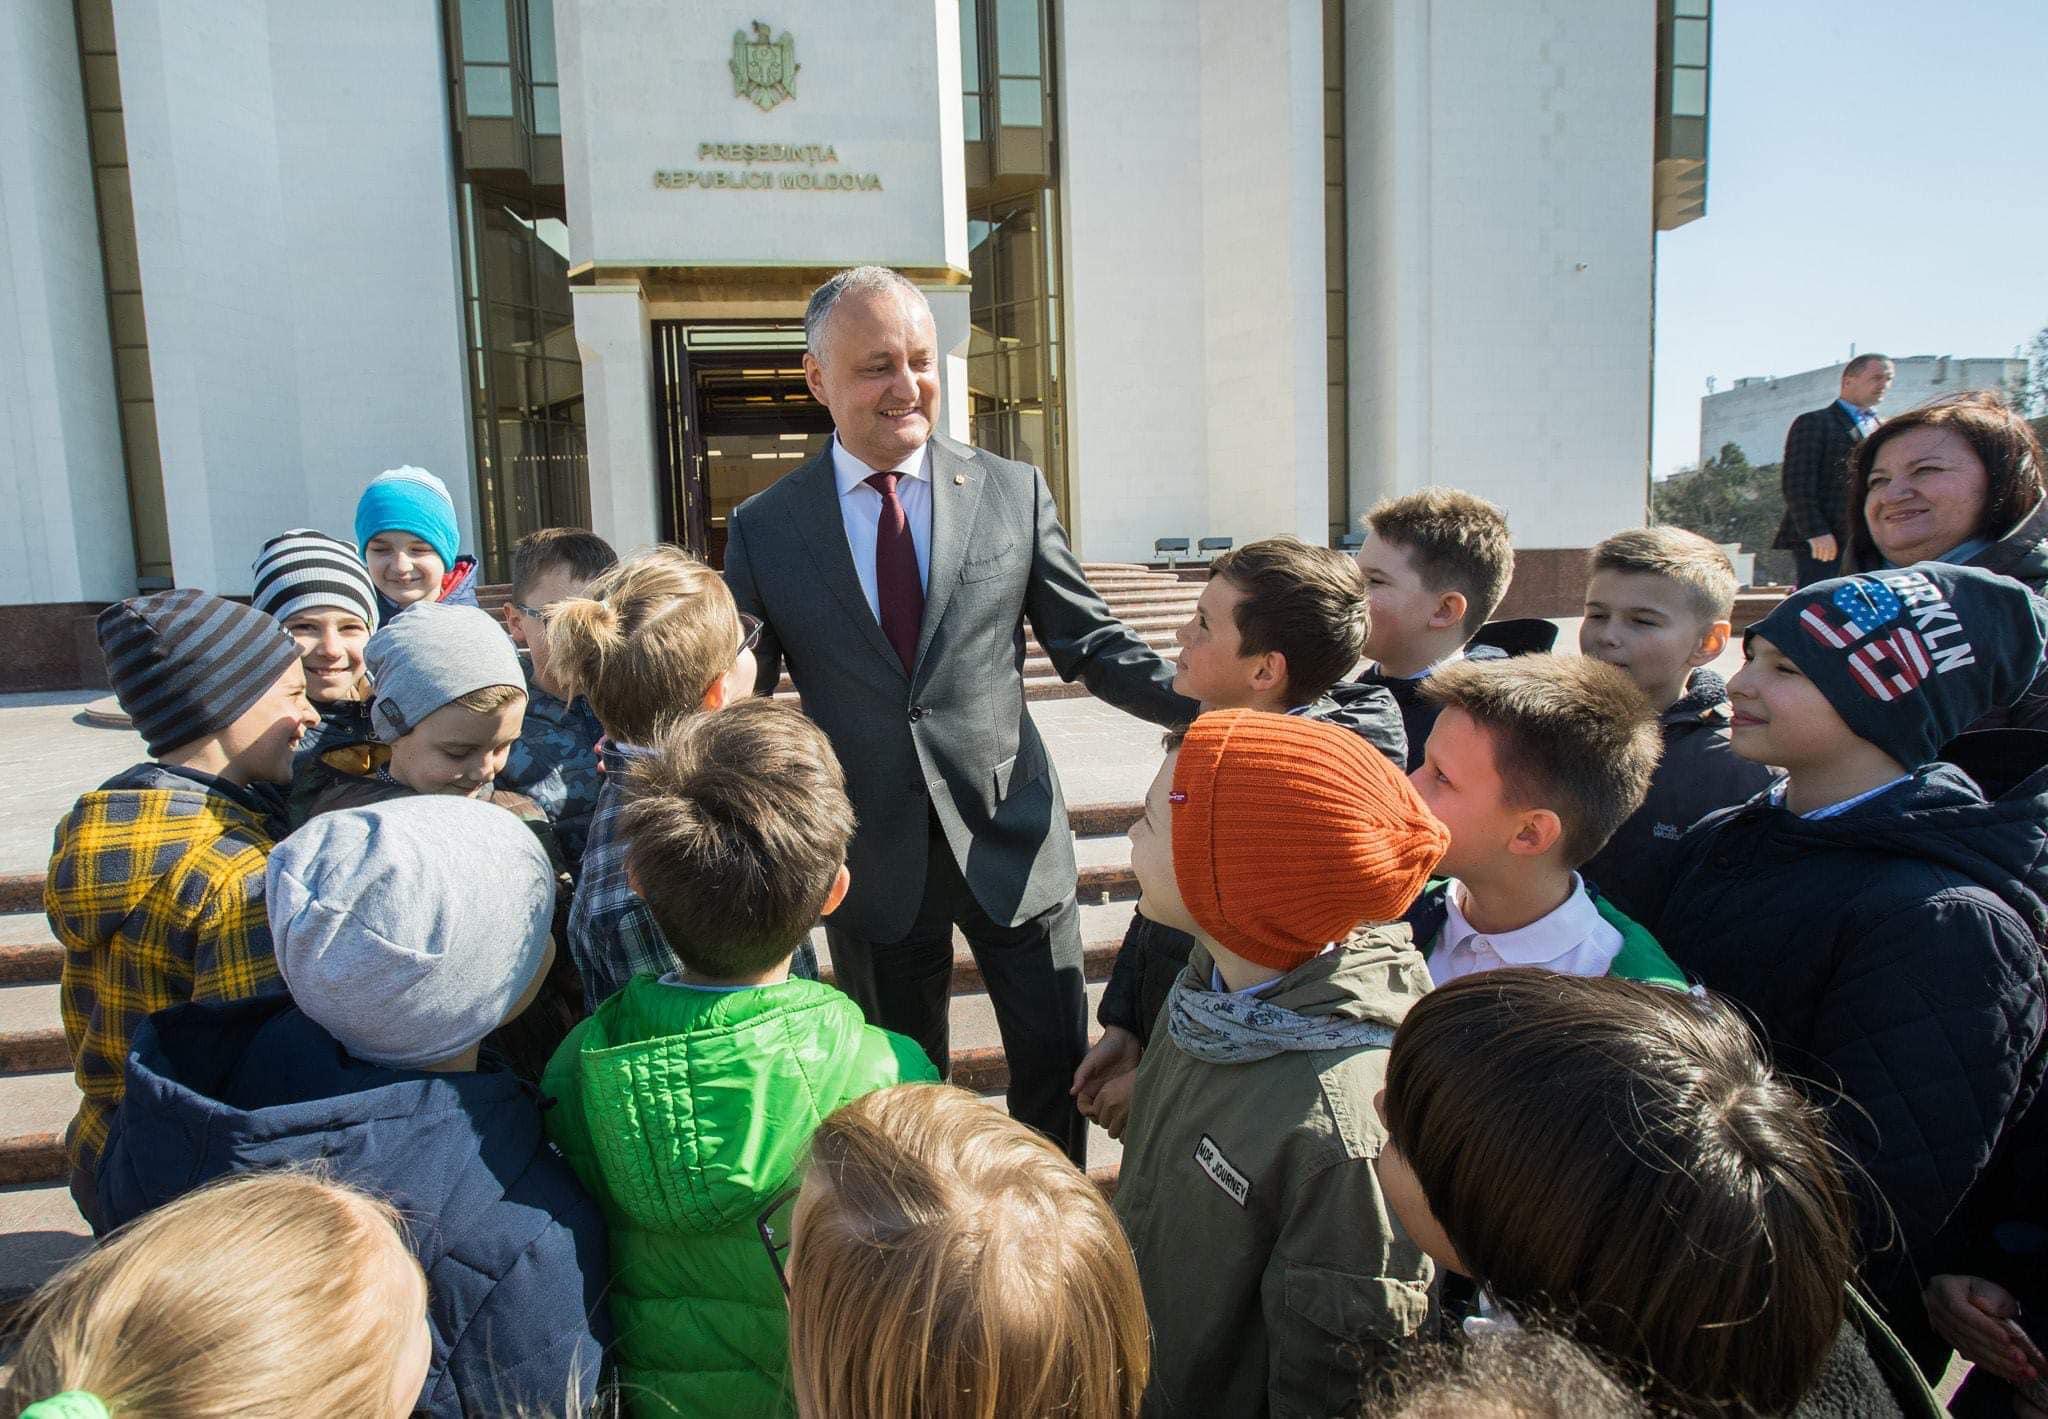 Дни открытых дверей в президентуре: всего за три месяца здание посетили уже несколько тысяч человек (ФОТО)